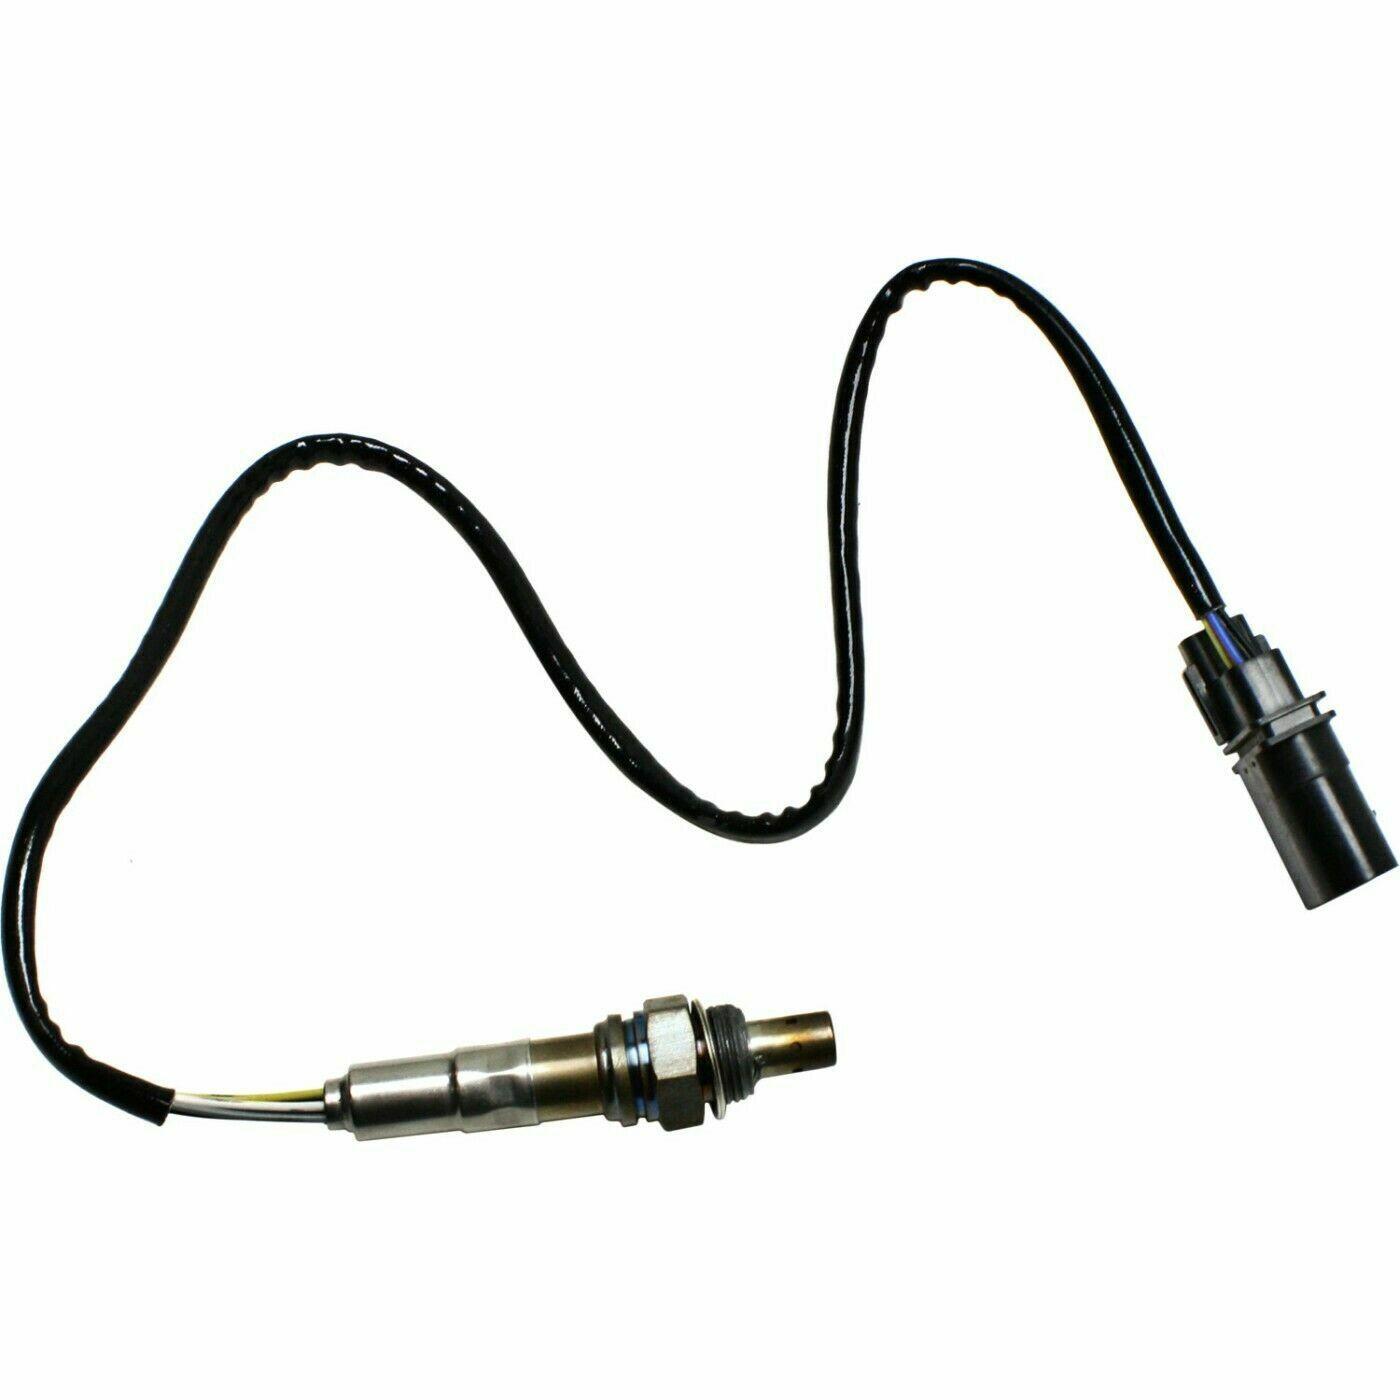 Upstream Oxygen Sensor O2 For Audi A4 Quattro 3